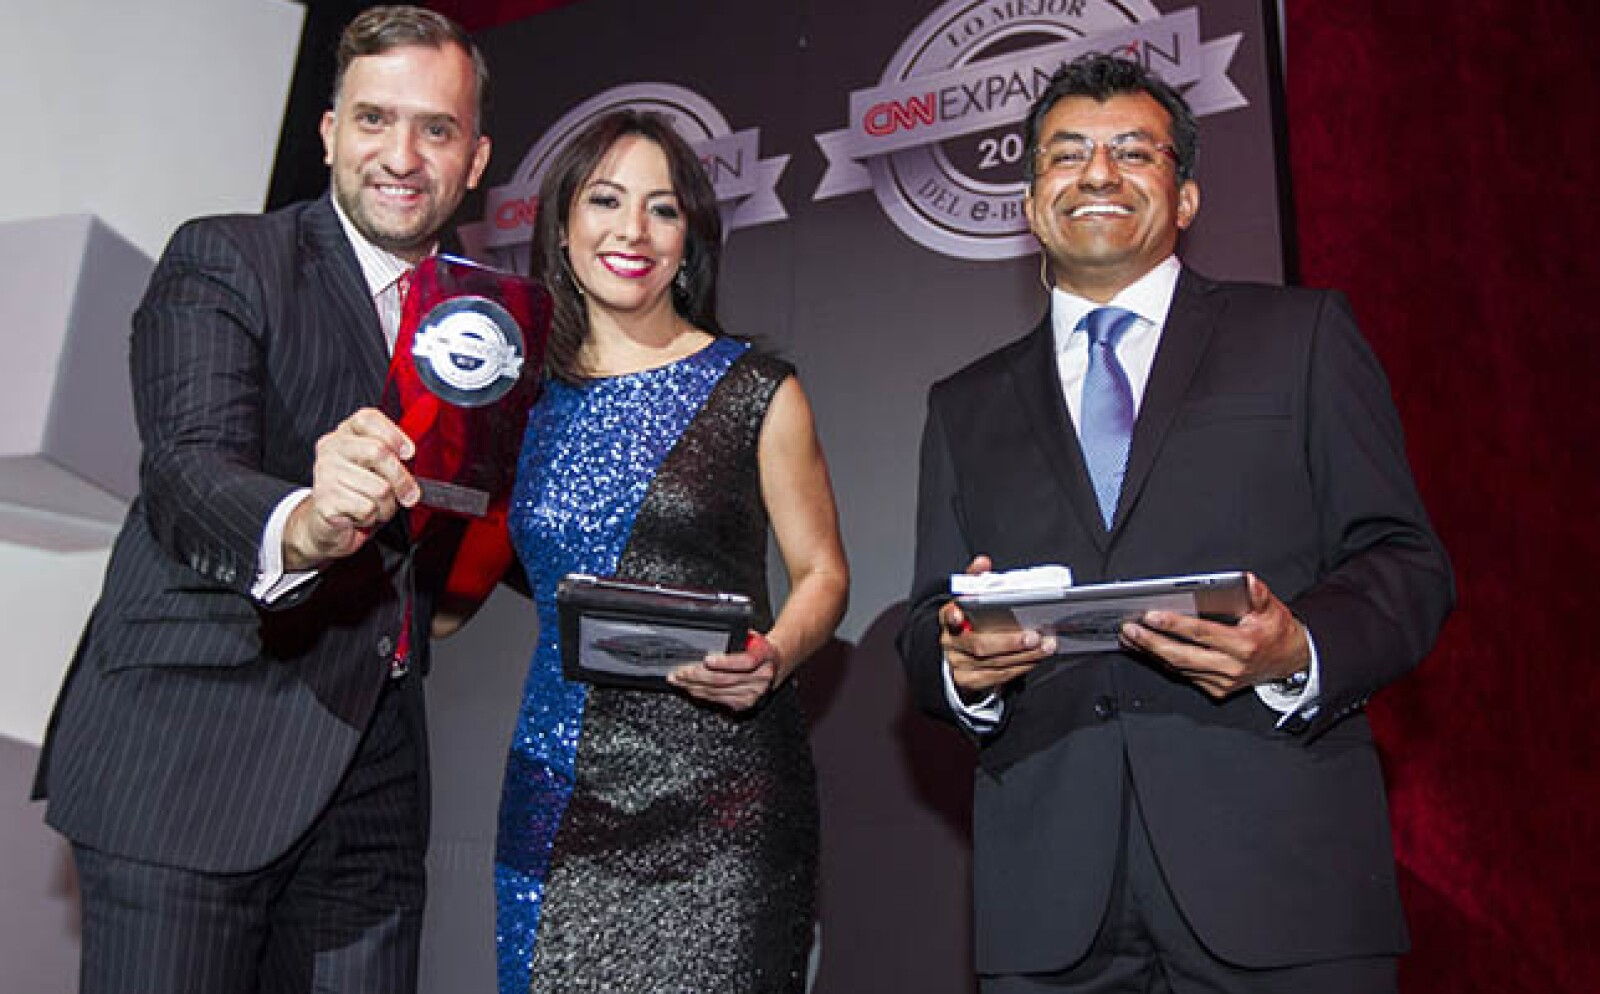 Desde 2011, CNNExpansión reconoce a los negocios más exitosos en internet. En total ha premiado a 30 empresas. Conoce los rostros detrás de las firmas ganadoras en 2013.